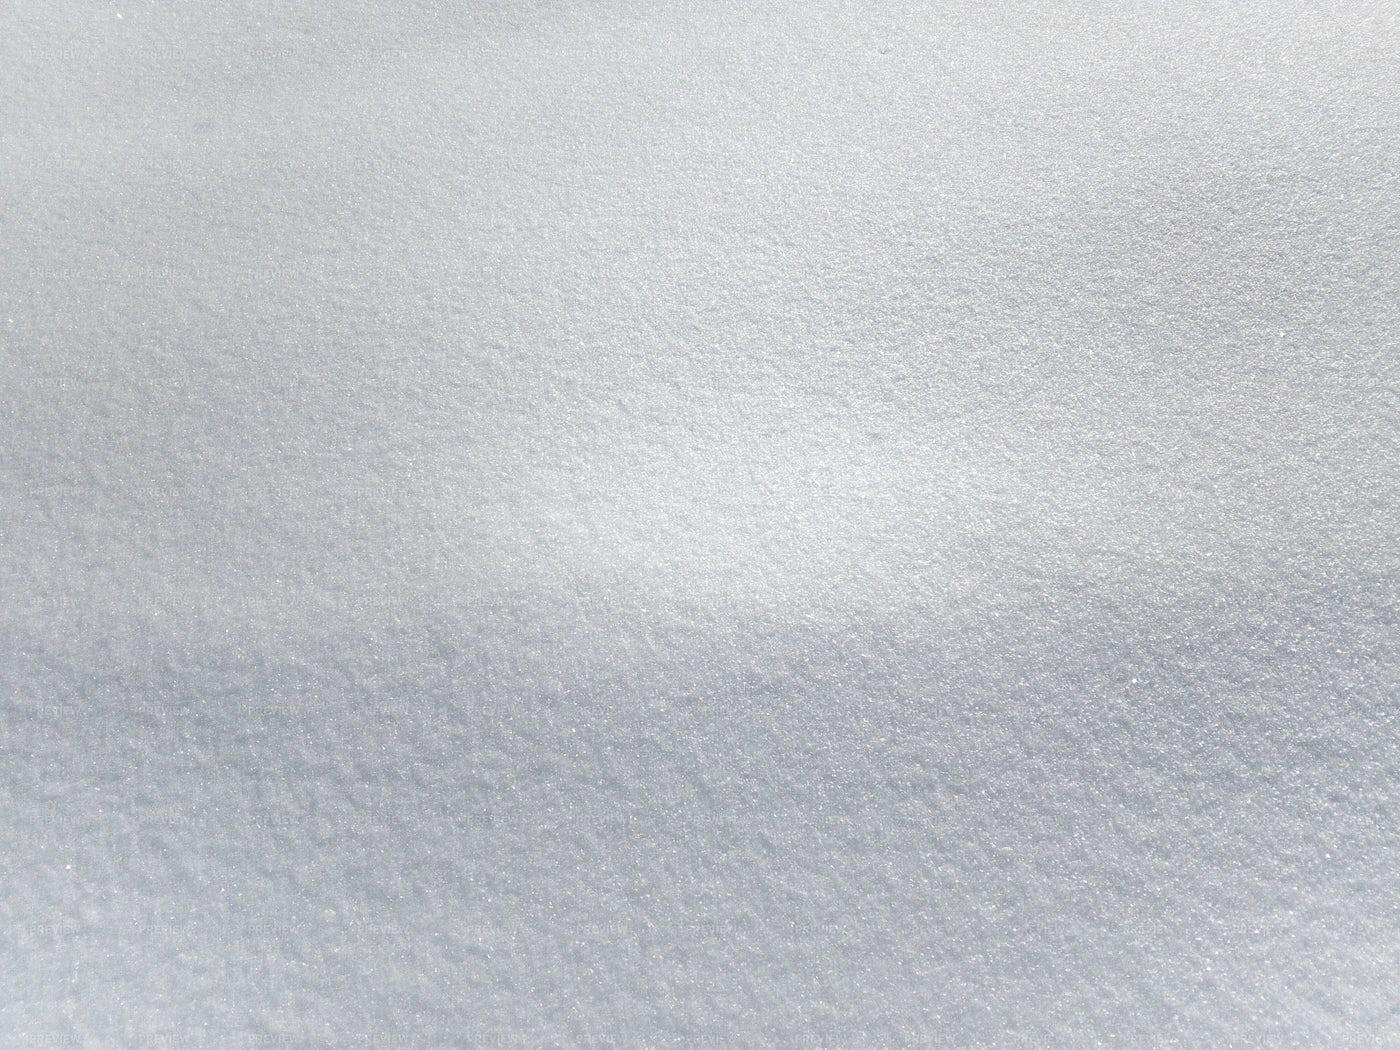 Background Of White Snow: Stock Photos